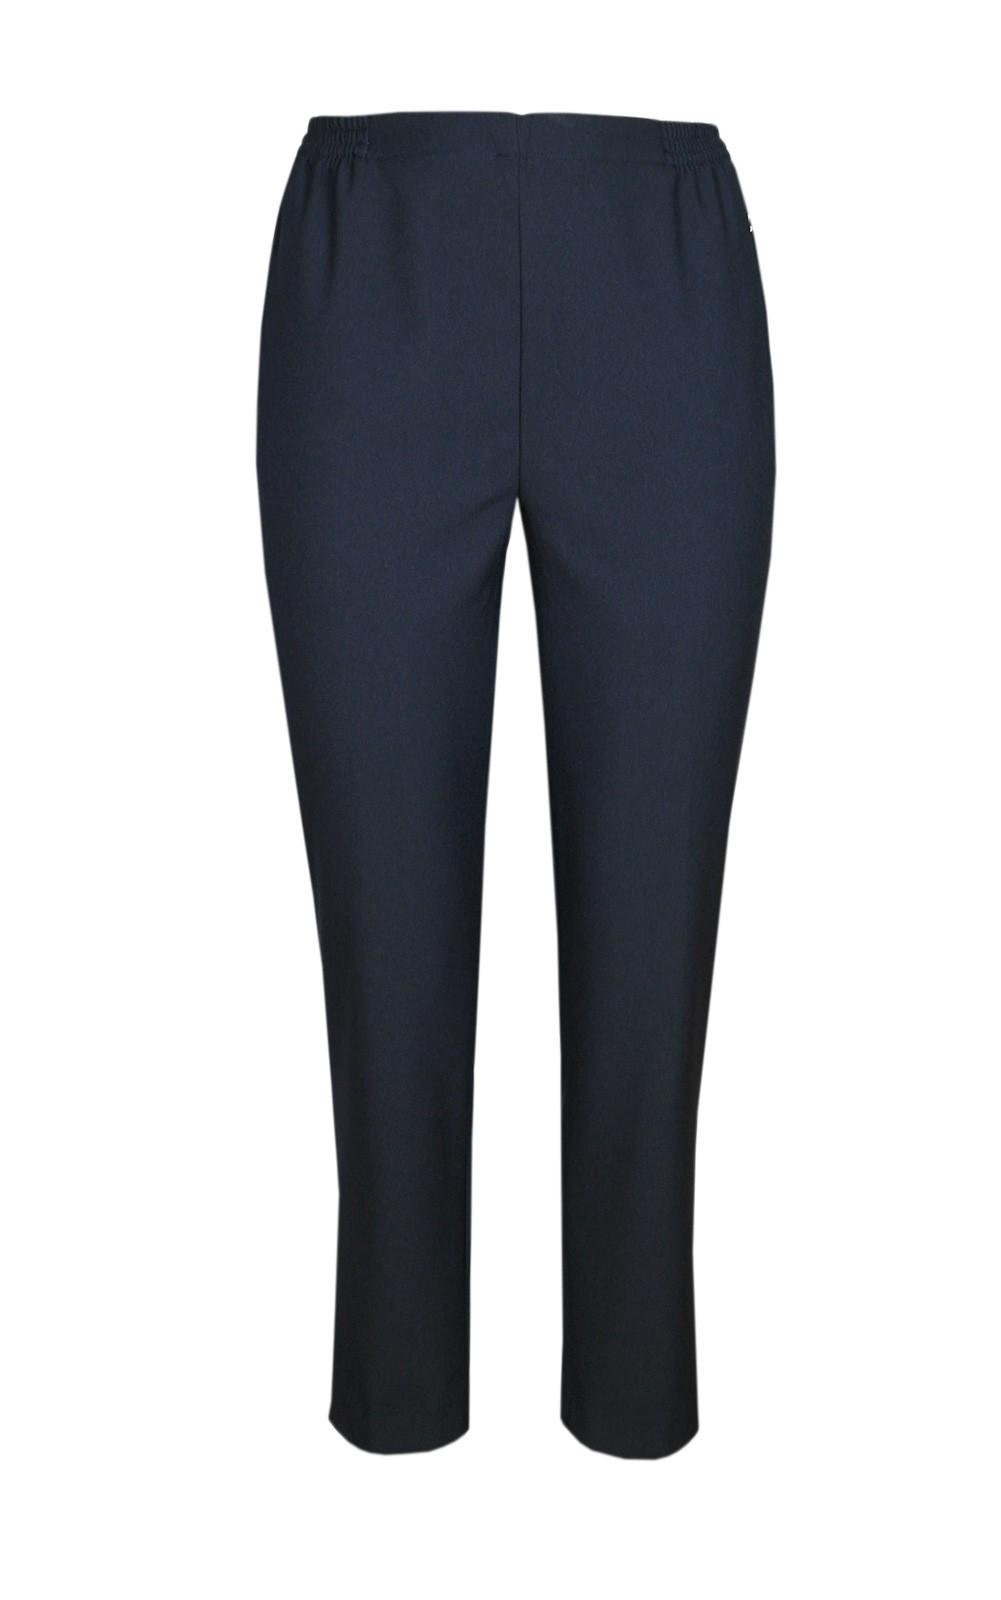 Damen Thermo Schlupfhose, warme Winterhose aus Doppelschicht Stoff, K-Größen navy